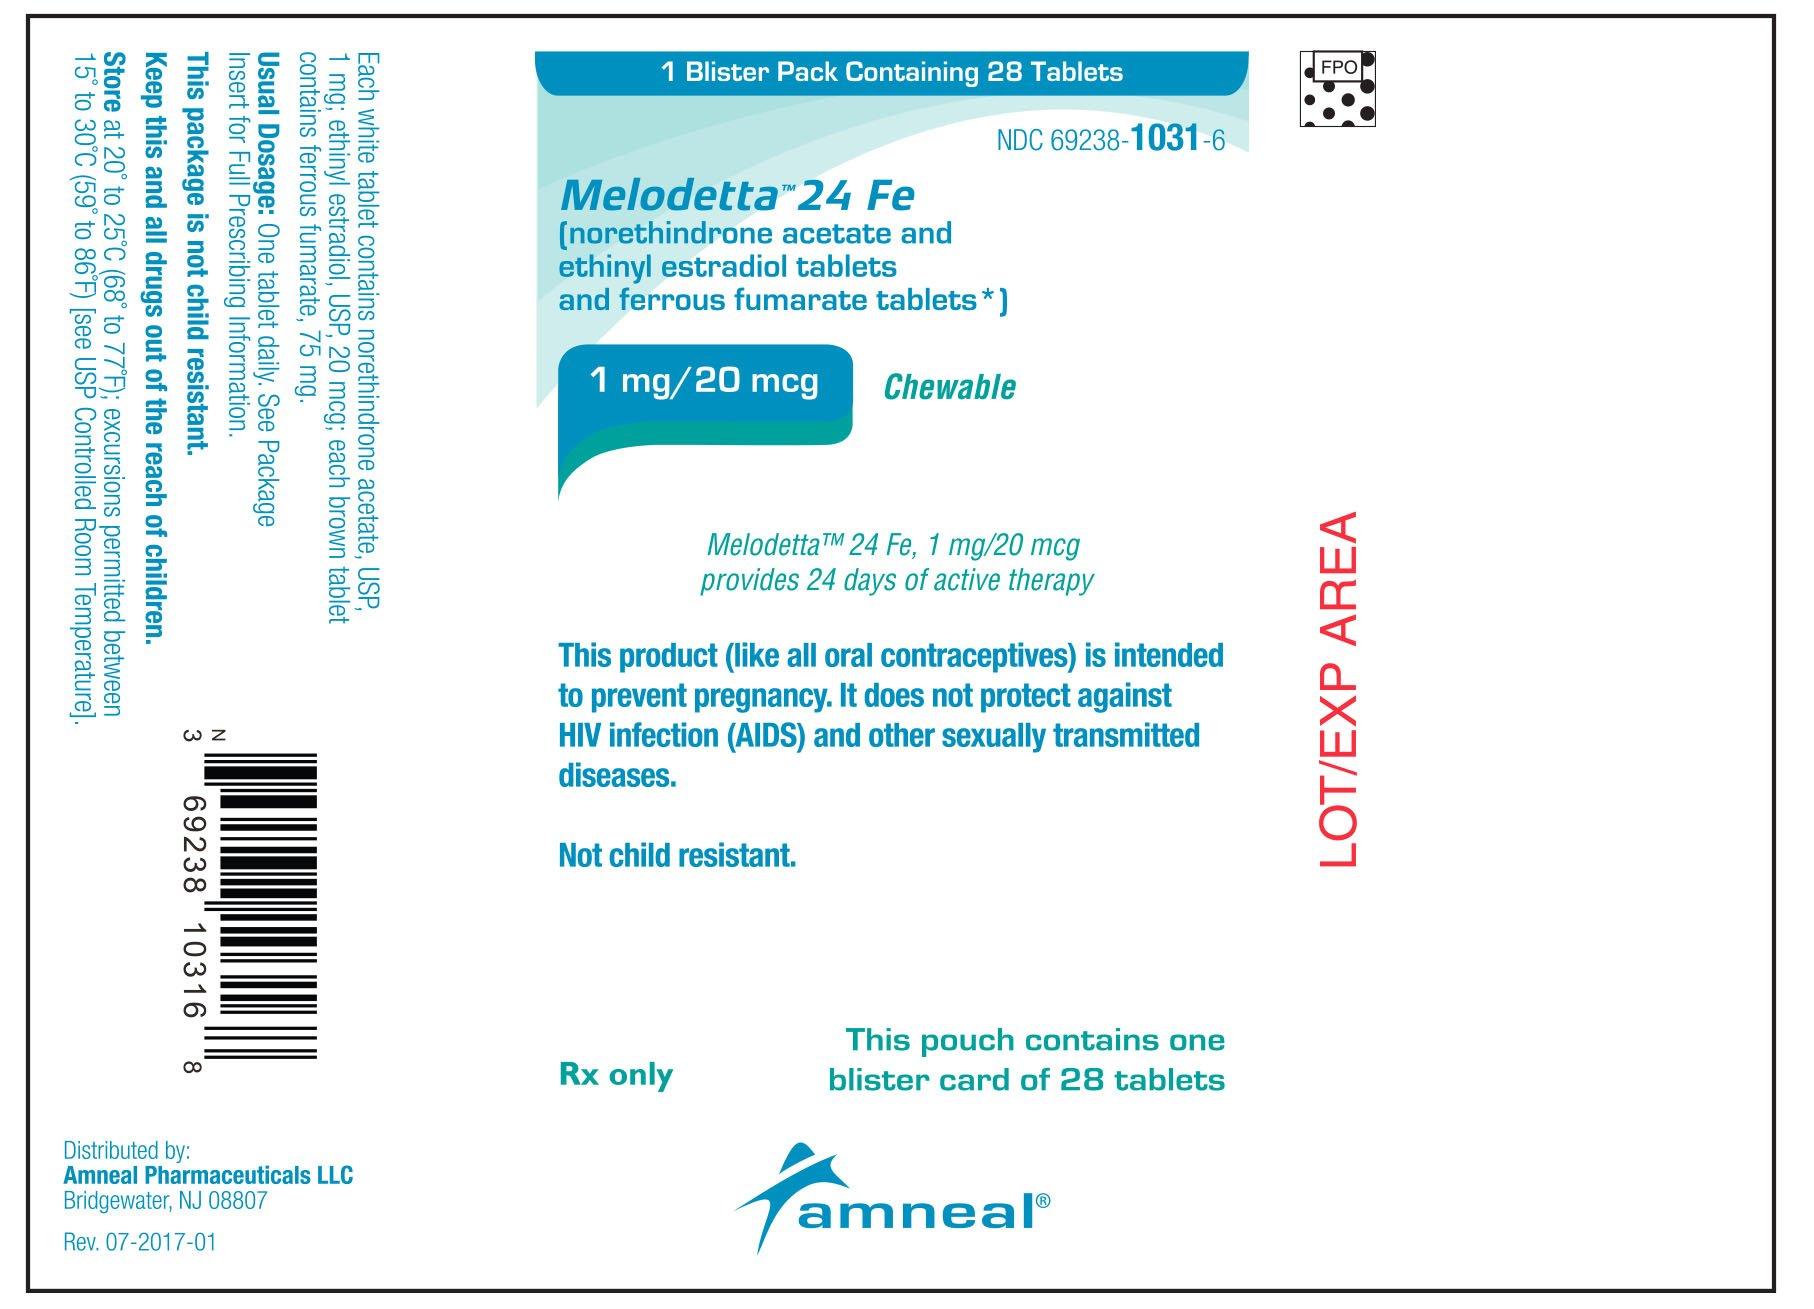 Melodetta 24 Fe - FDA prescribing information side ...